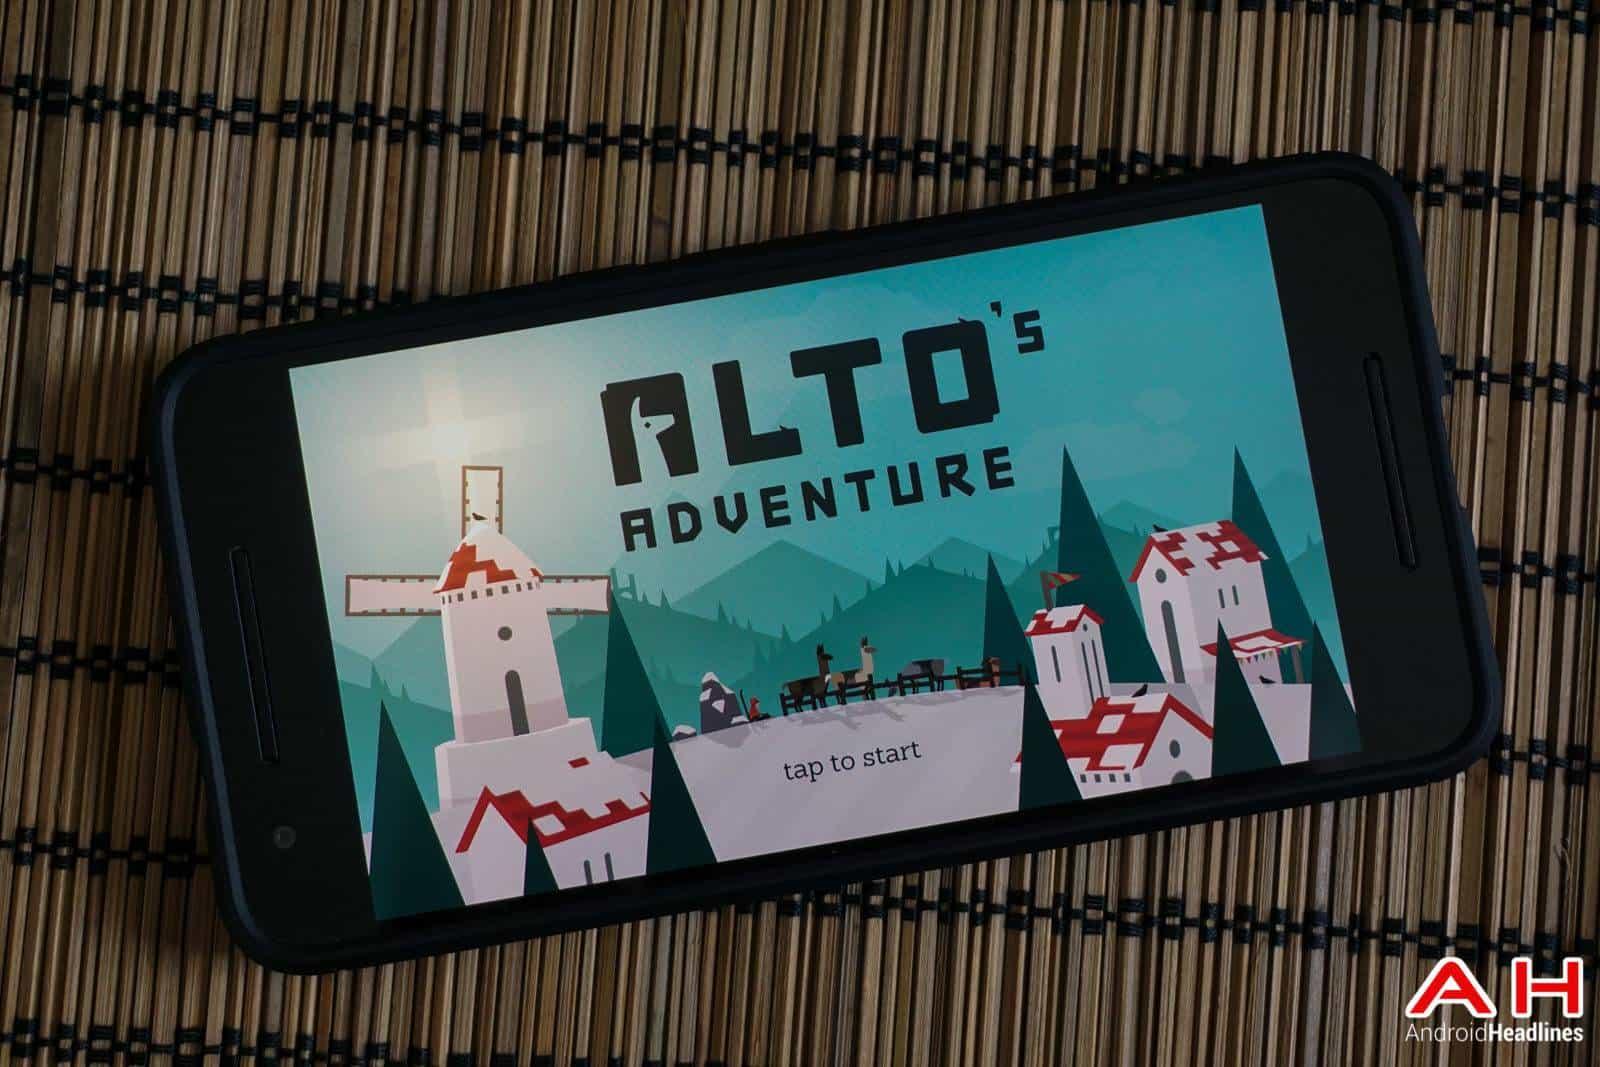 Altos-Adventure-AH-00079